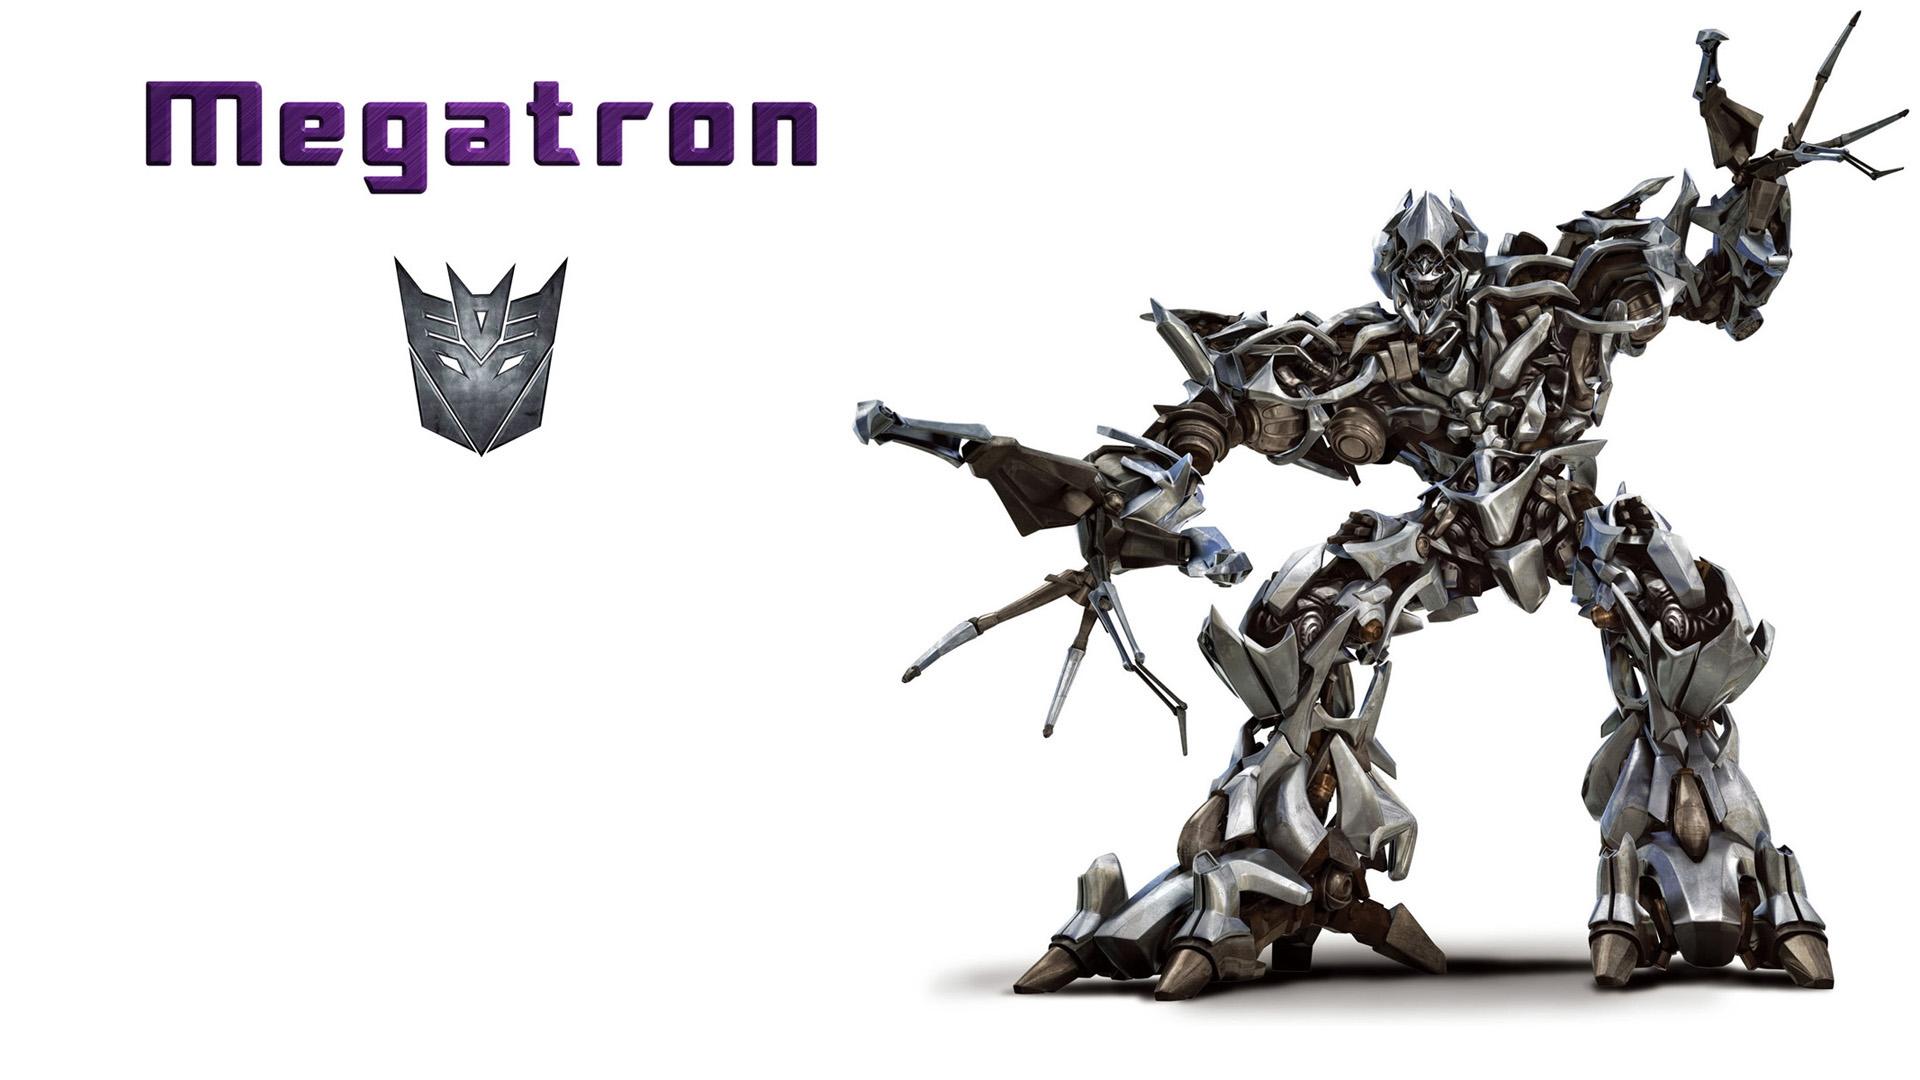 megatron 1920x1080